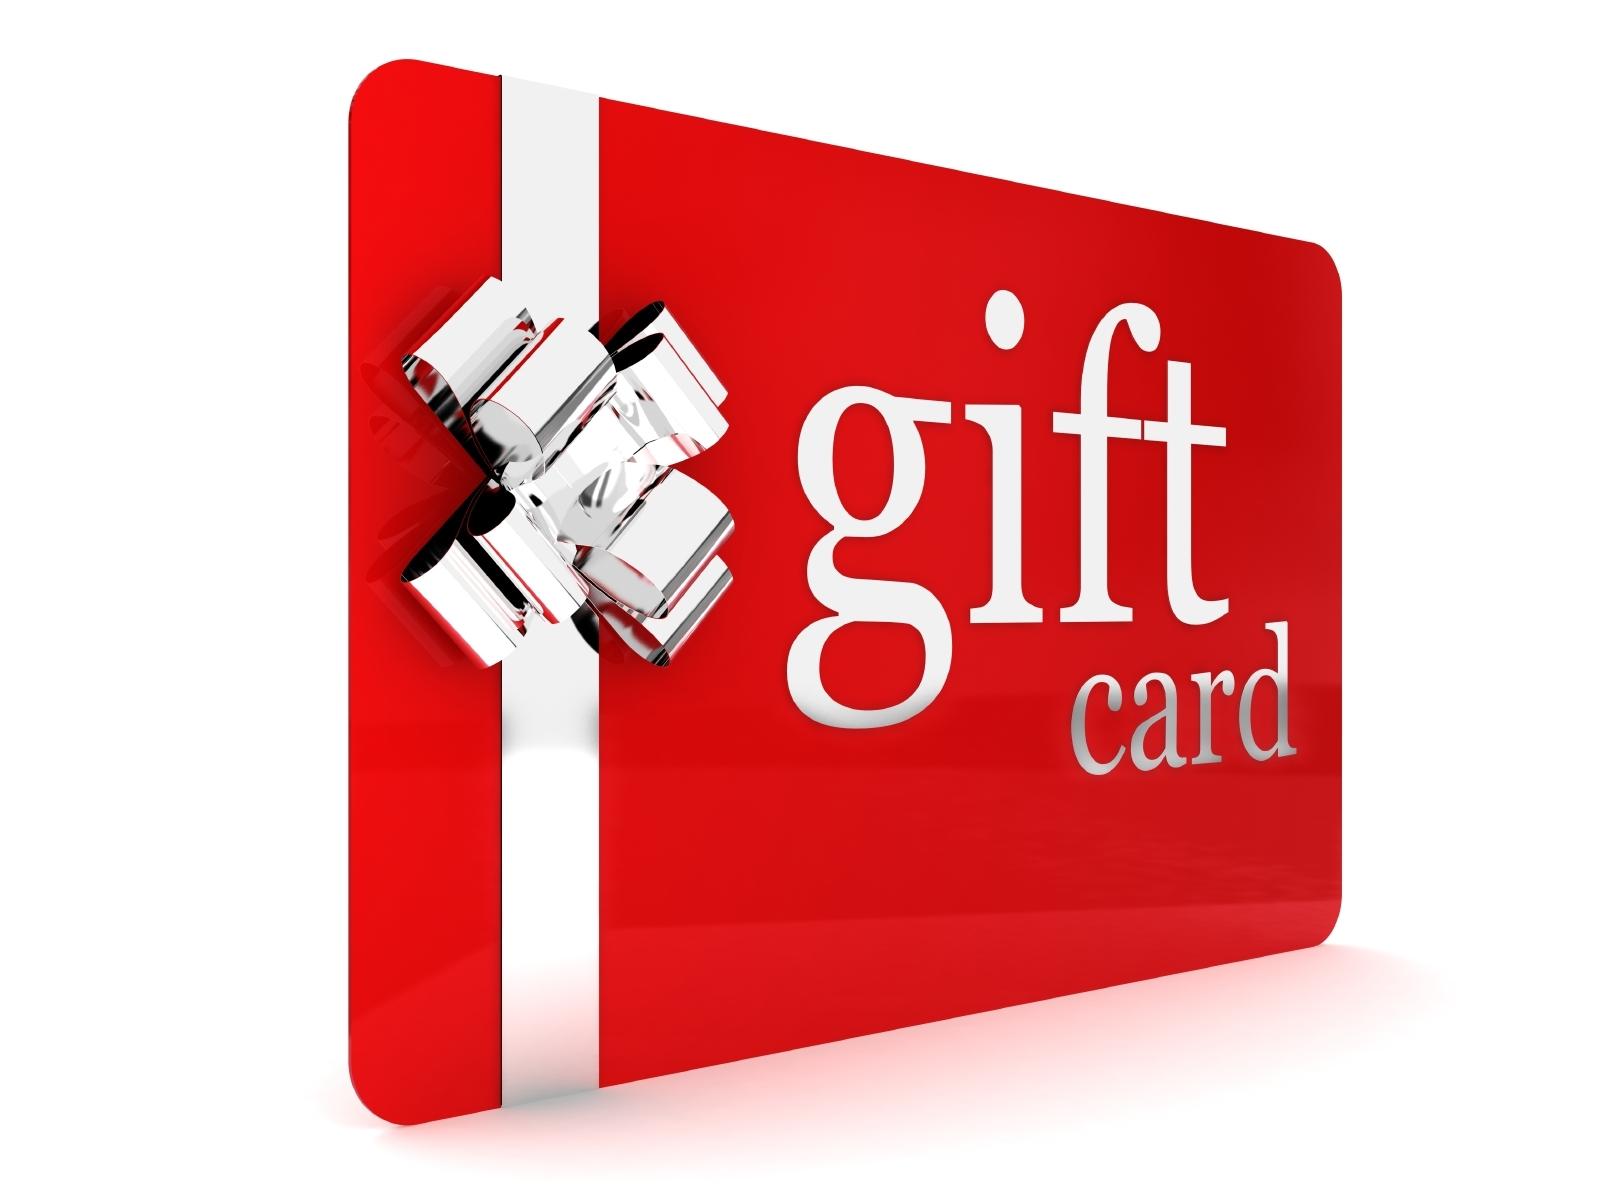 GIFT CARD-FACIAL 00029